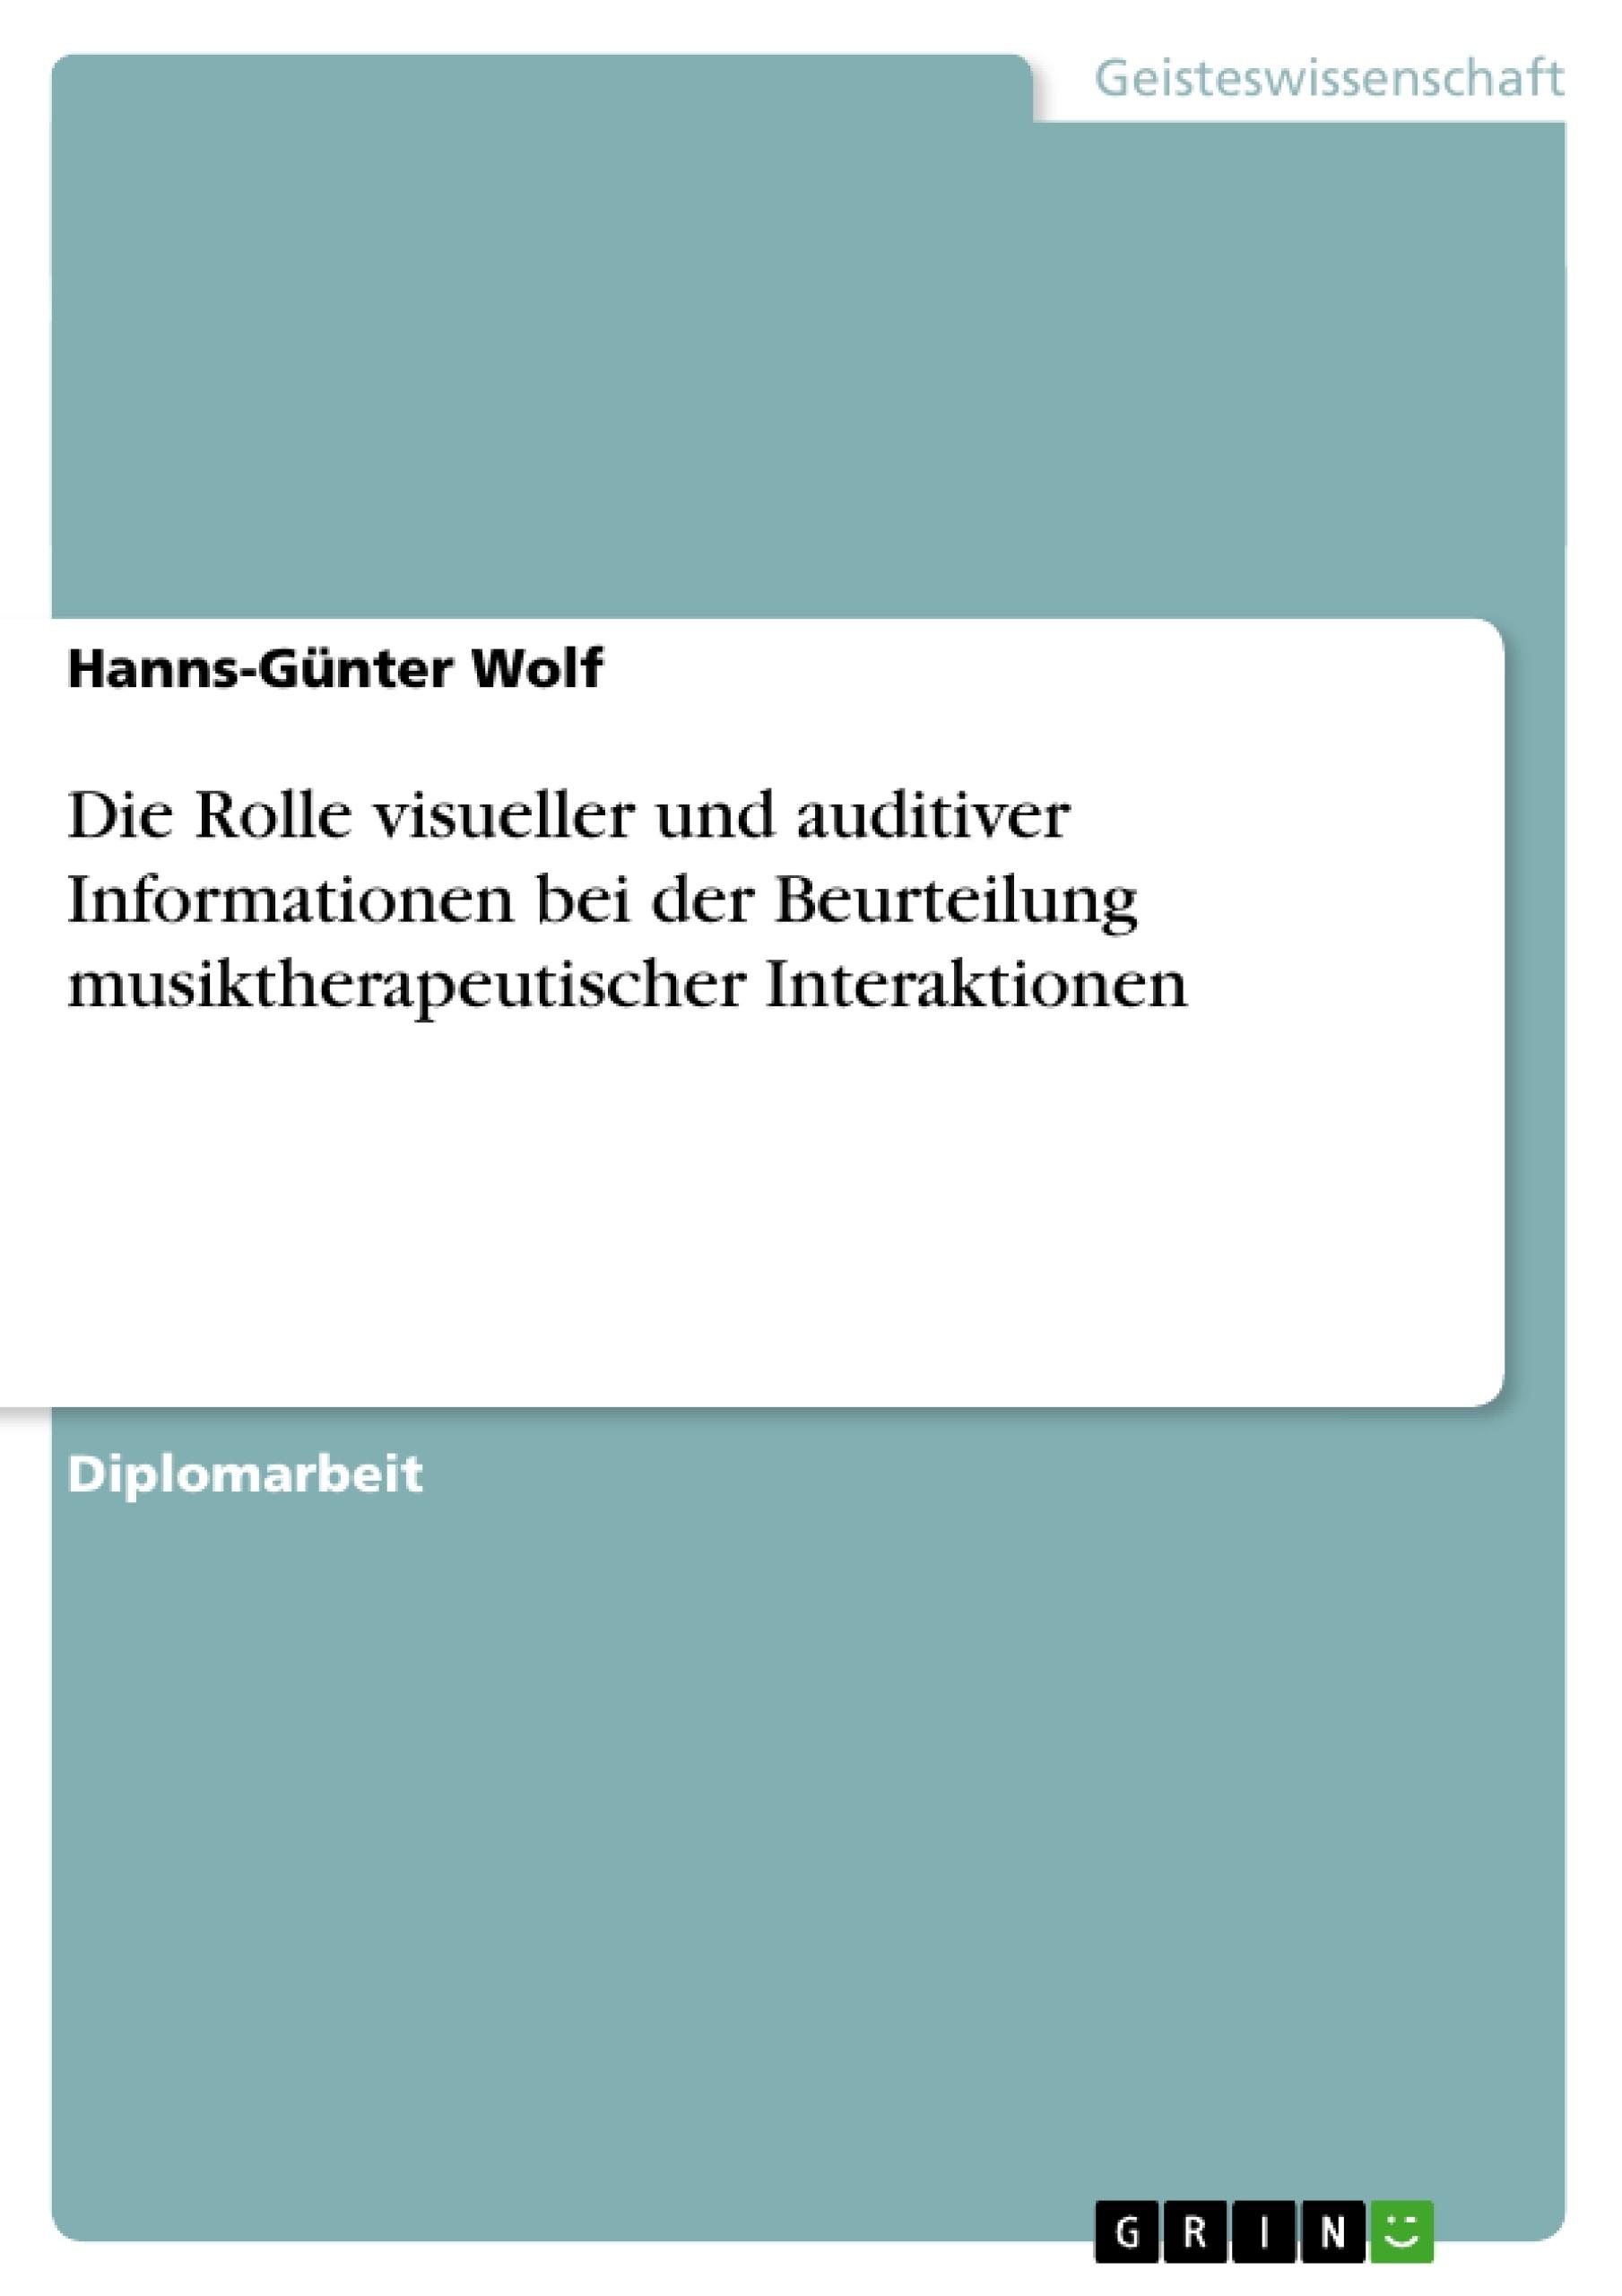 Die Rolle visueller und auditiver Informationen bei der ...